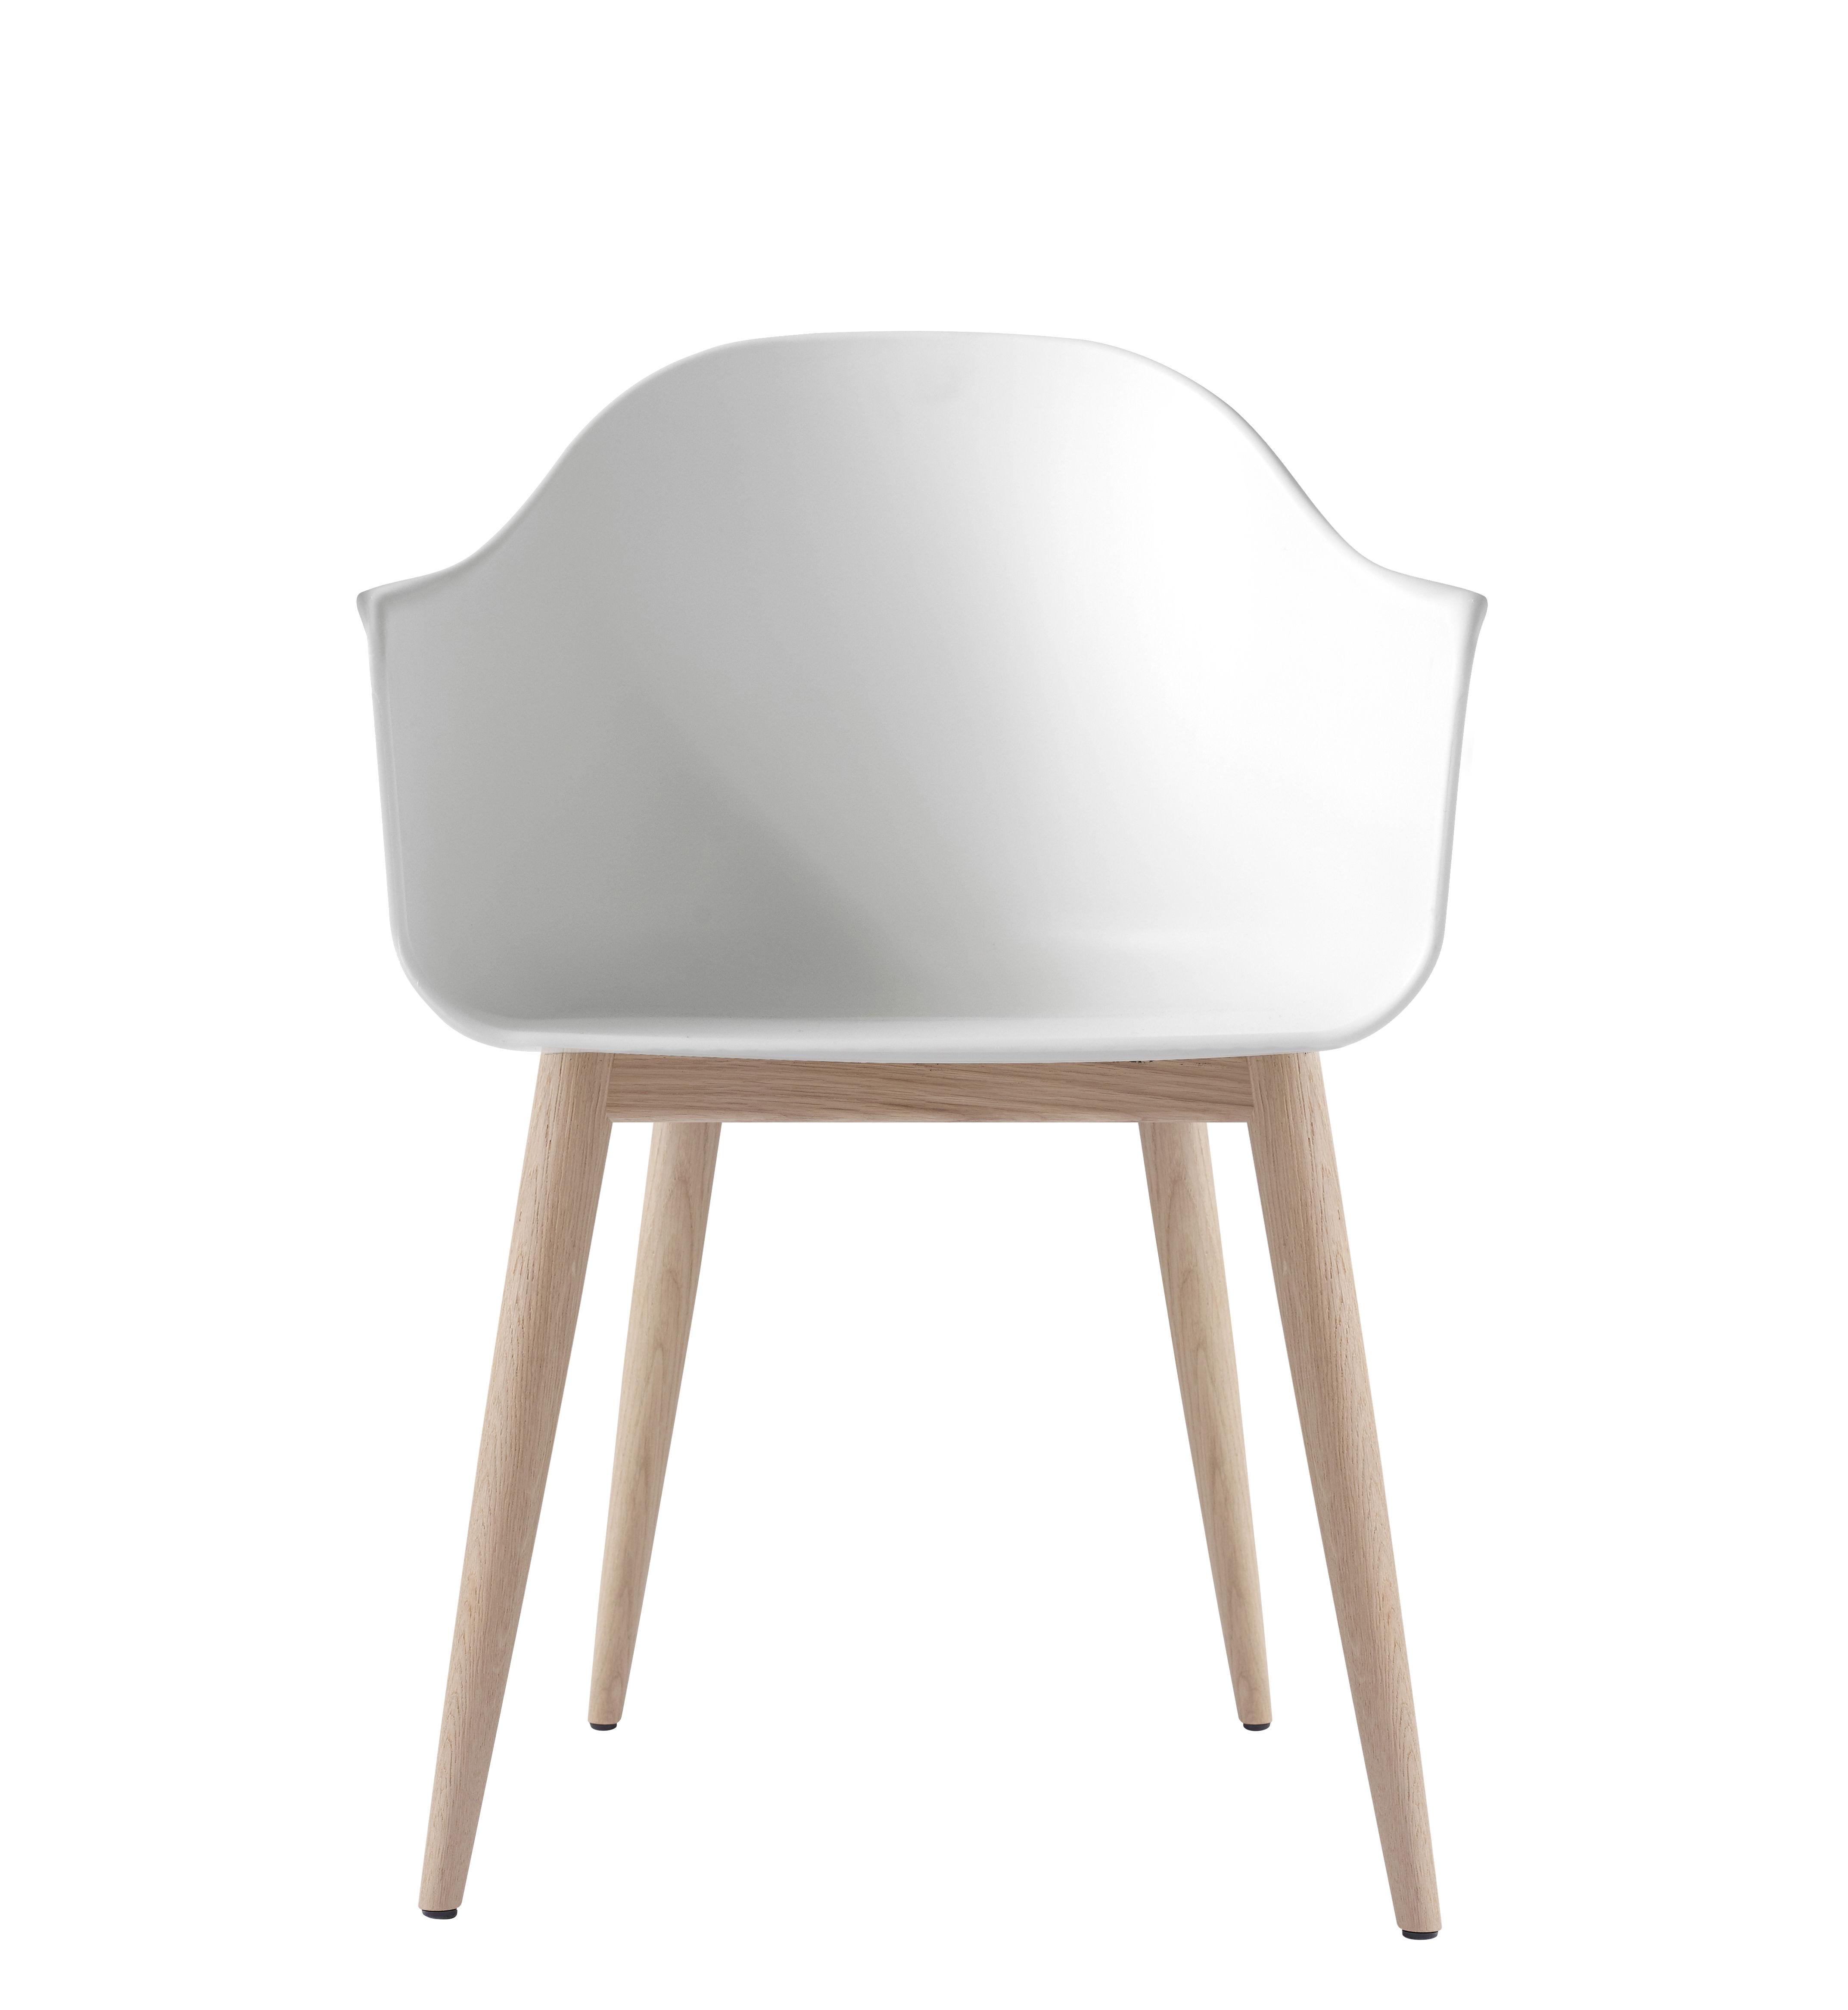 Mobilier - Chaises, fauteuils de salle à manger - Fauteuil Harbour / Polycarbonate - Pieds bois - Menu - Blanc / Pieds chêne - Chêne naturel, Polycarbonate